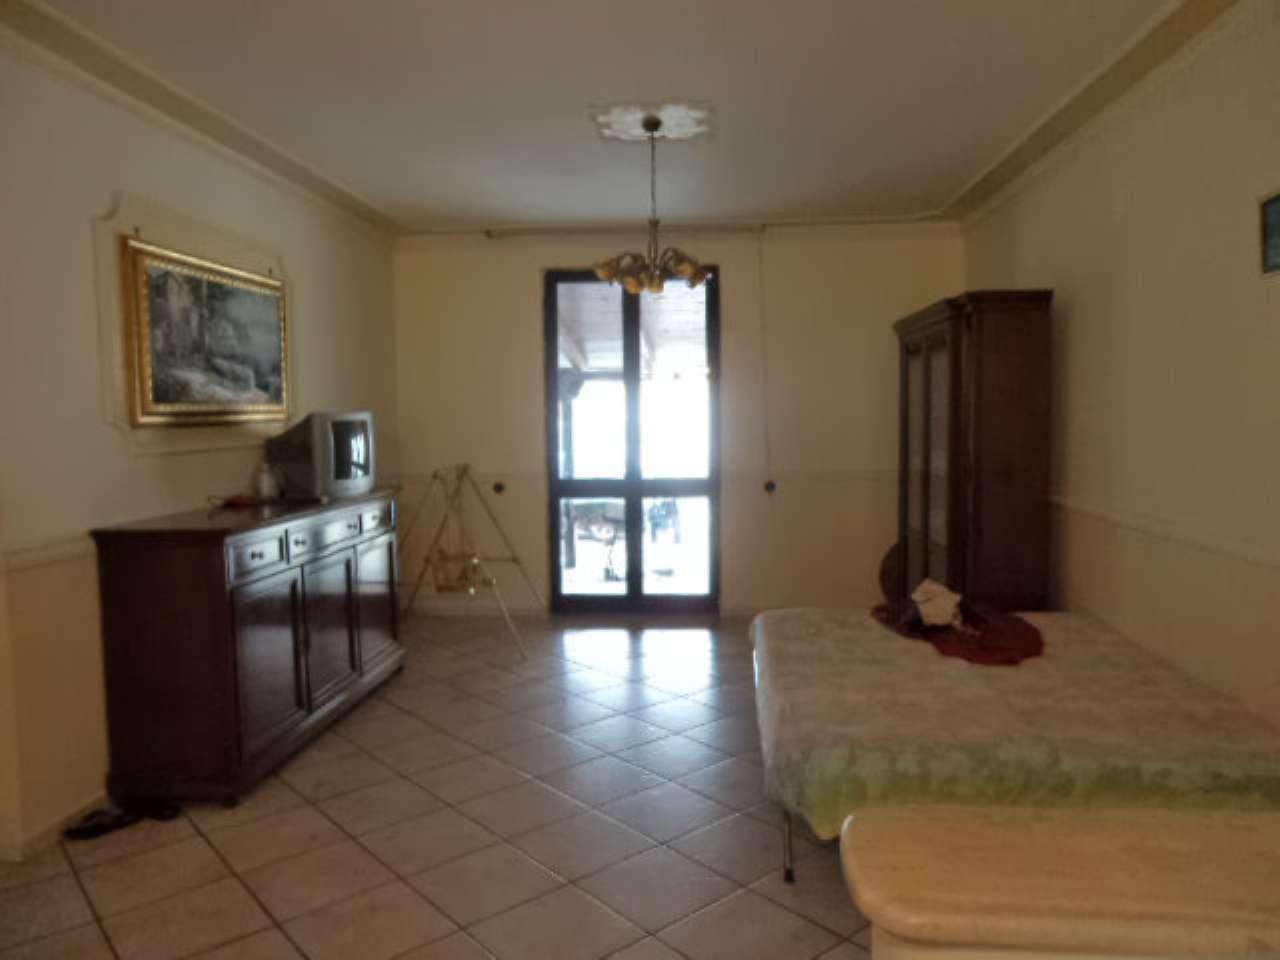 Villa Bifamiliare in vendita a Casal di Principe, 6 locali, prezzo € 250.000 | Cambio Casa.it